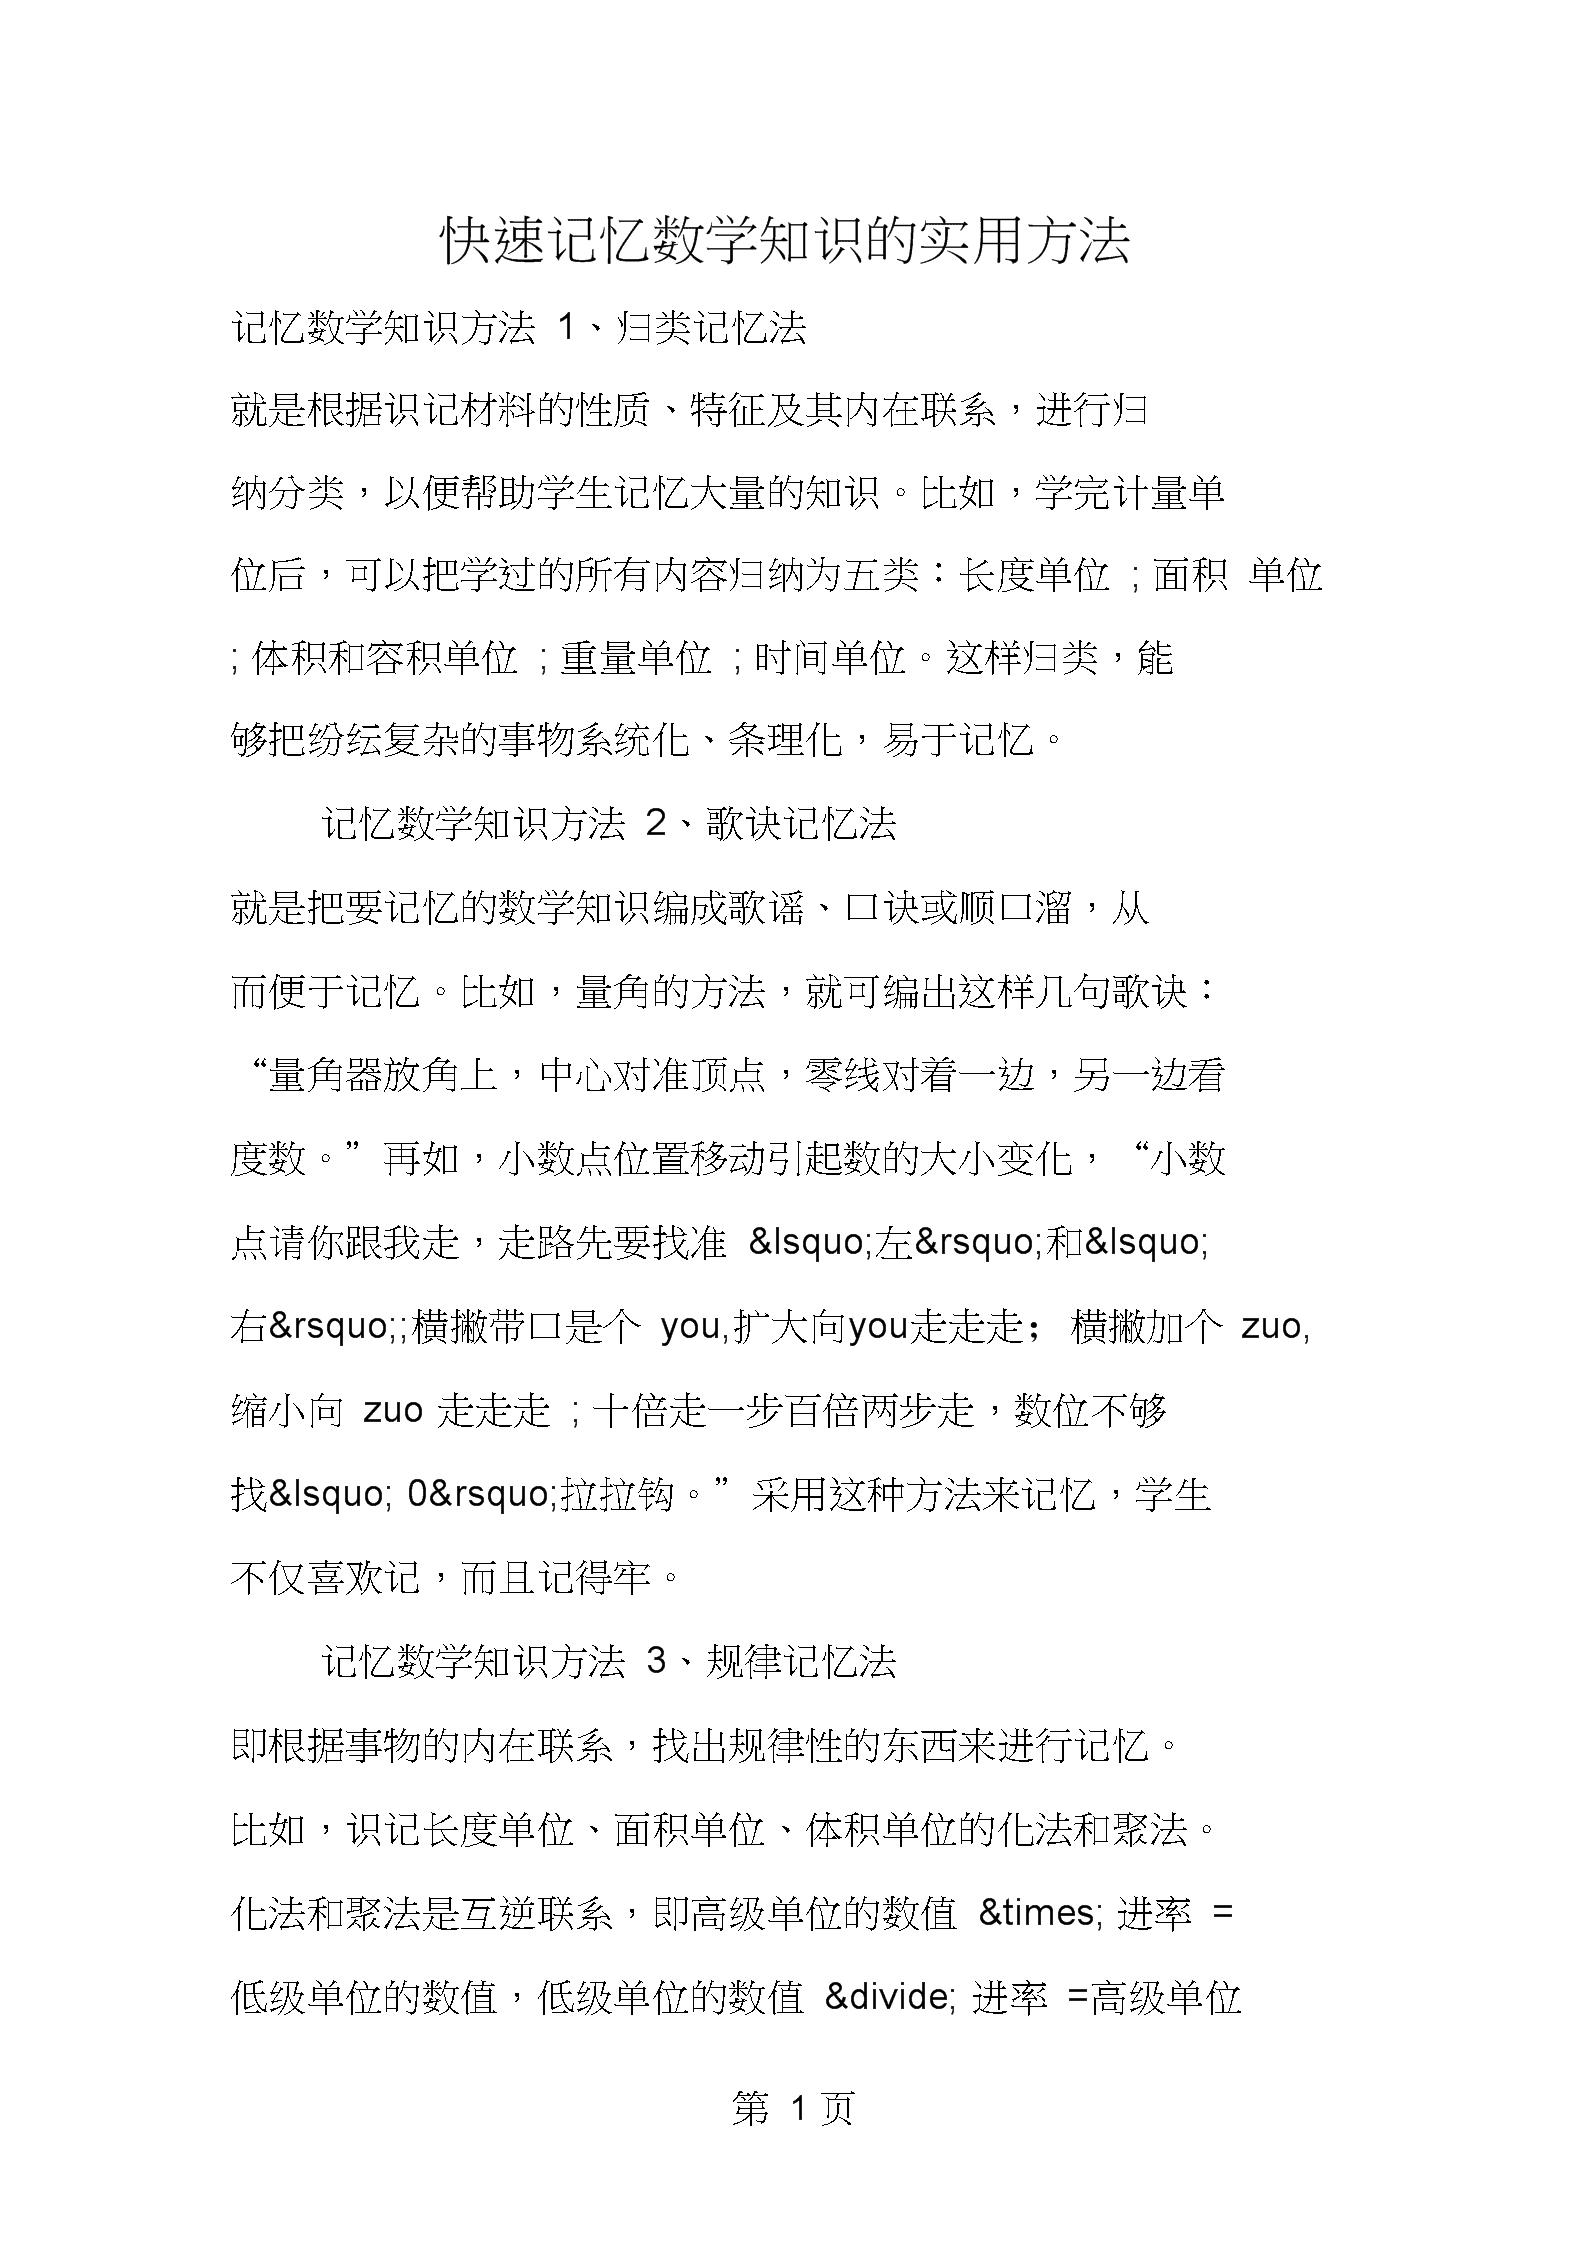 快速记忆数学知识的实用方法.docx